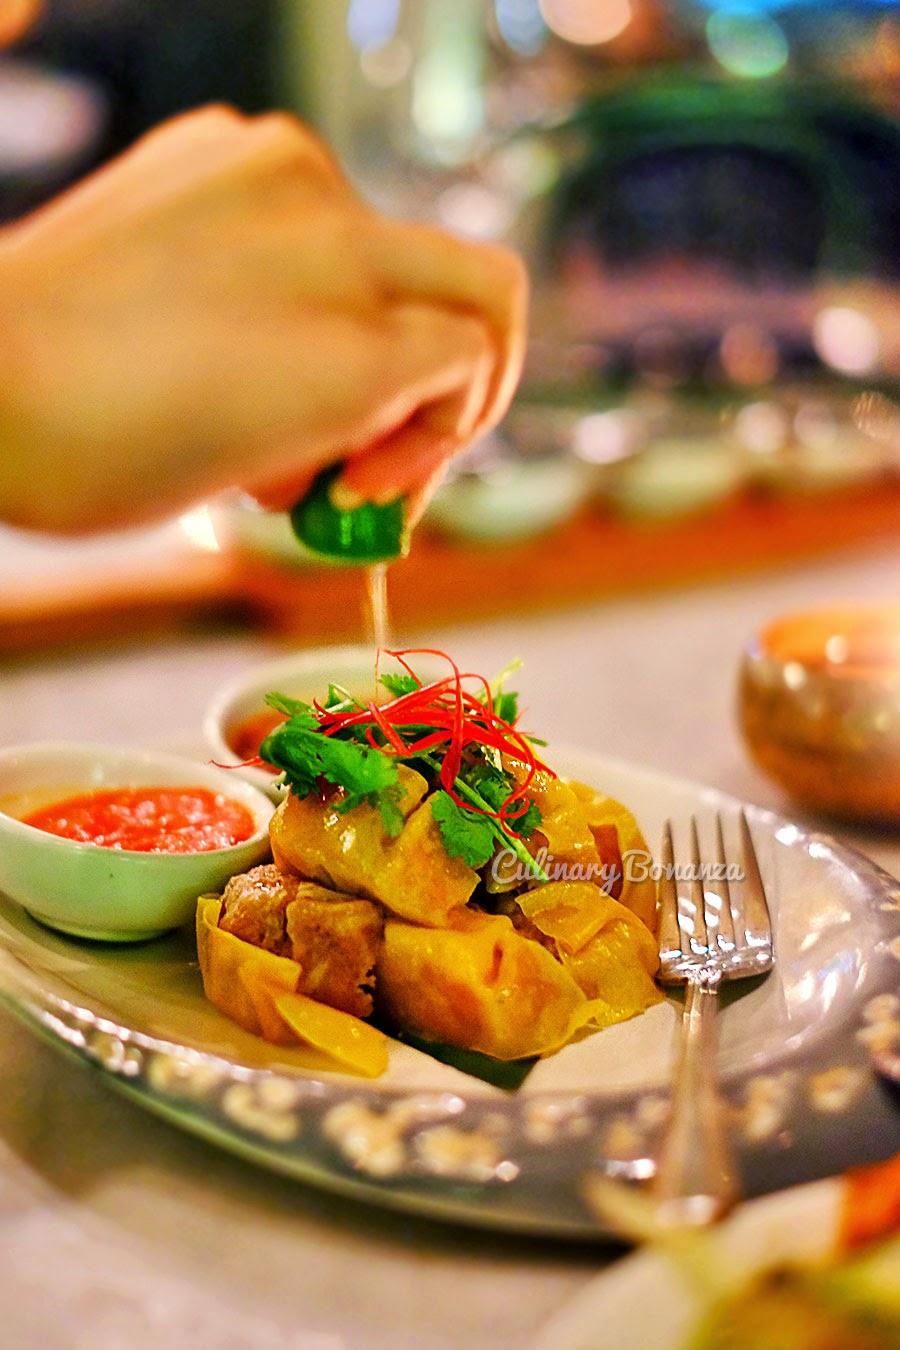 Pork and prawn siewmai (www.culinarybonanza.com)